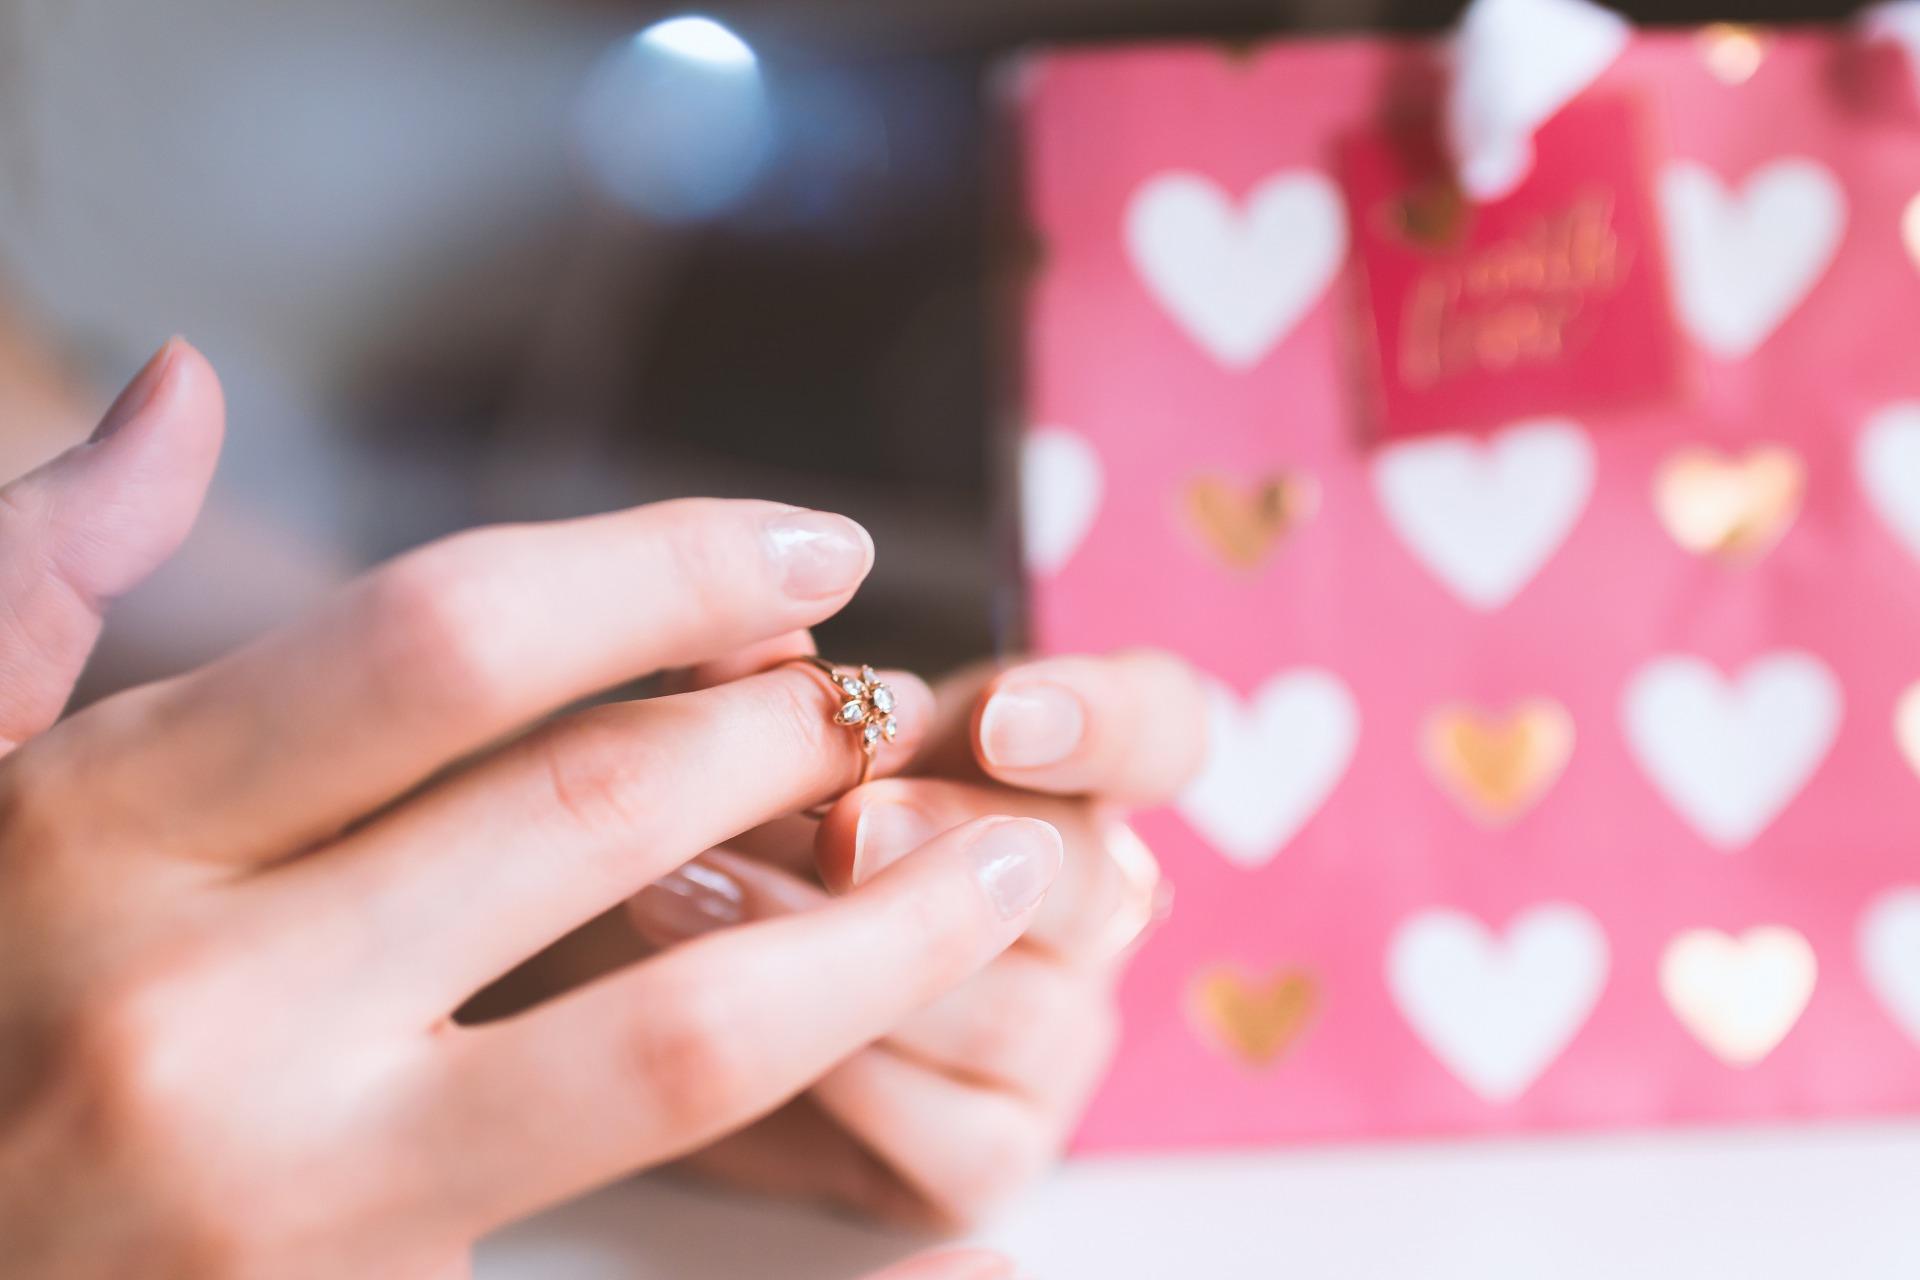 【最新】彼女へのプレゼントで人気の指輪!誕生日やクリスマスに!